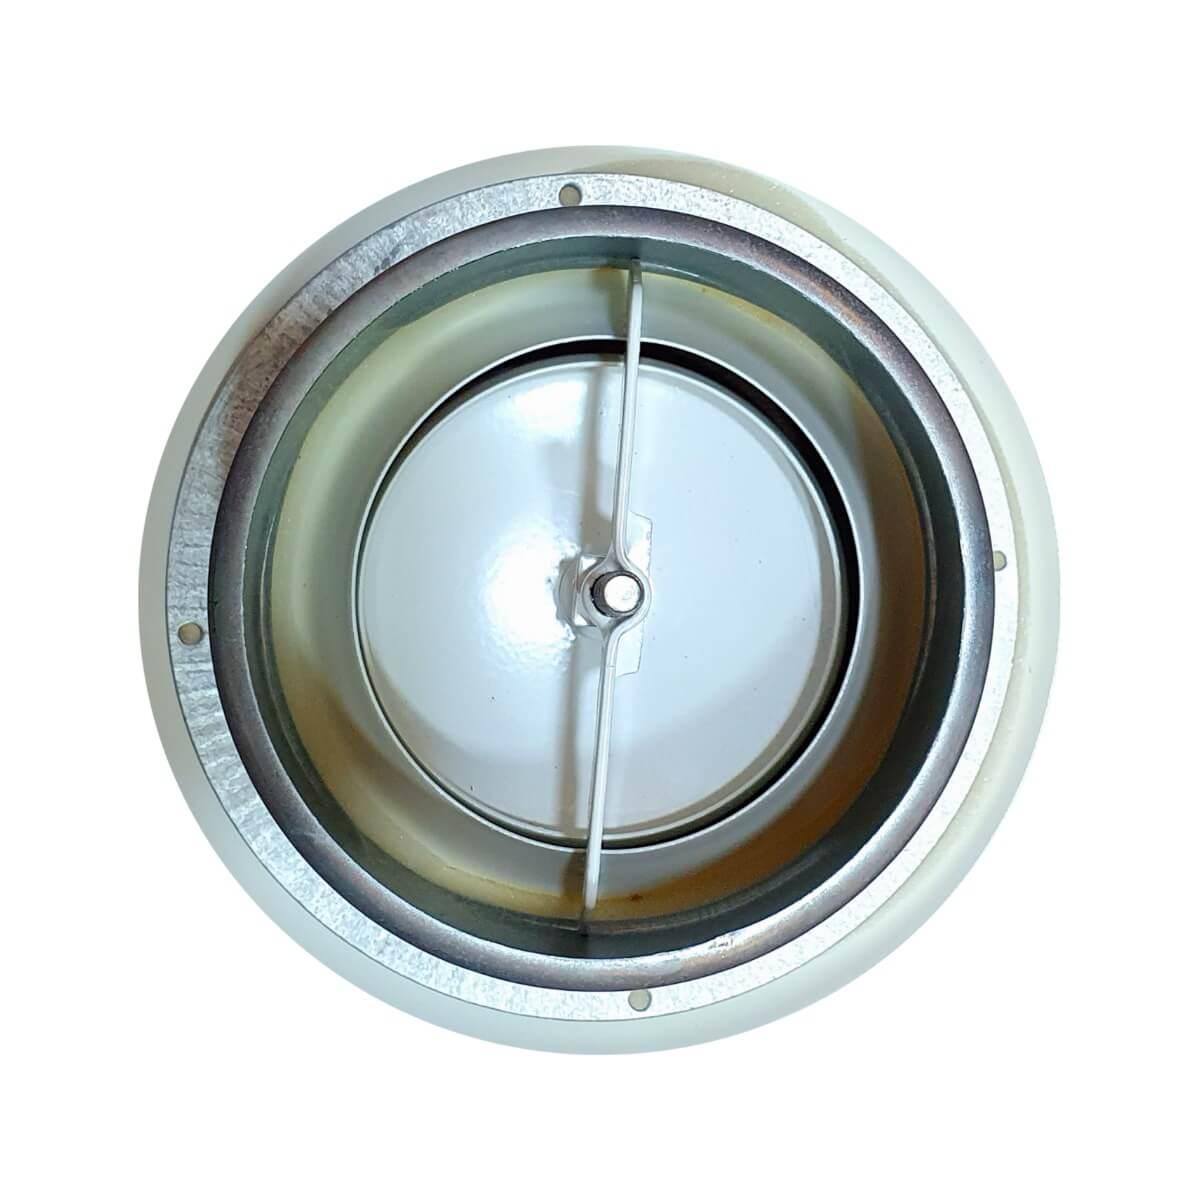 Difusor Circular Metálico de Exaustão e Insuflamento 200mm Soler & Palau